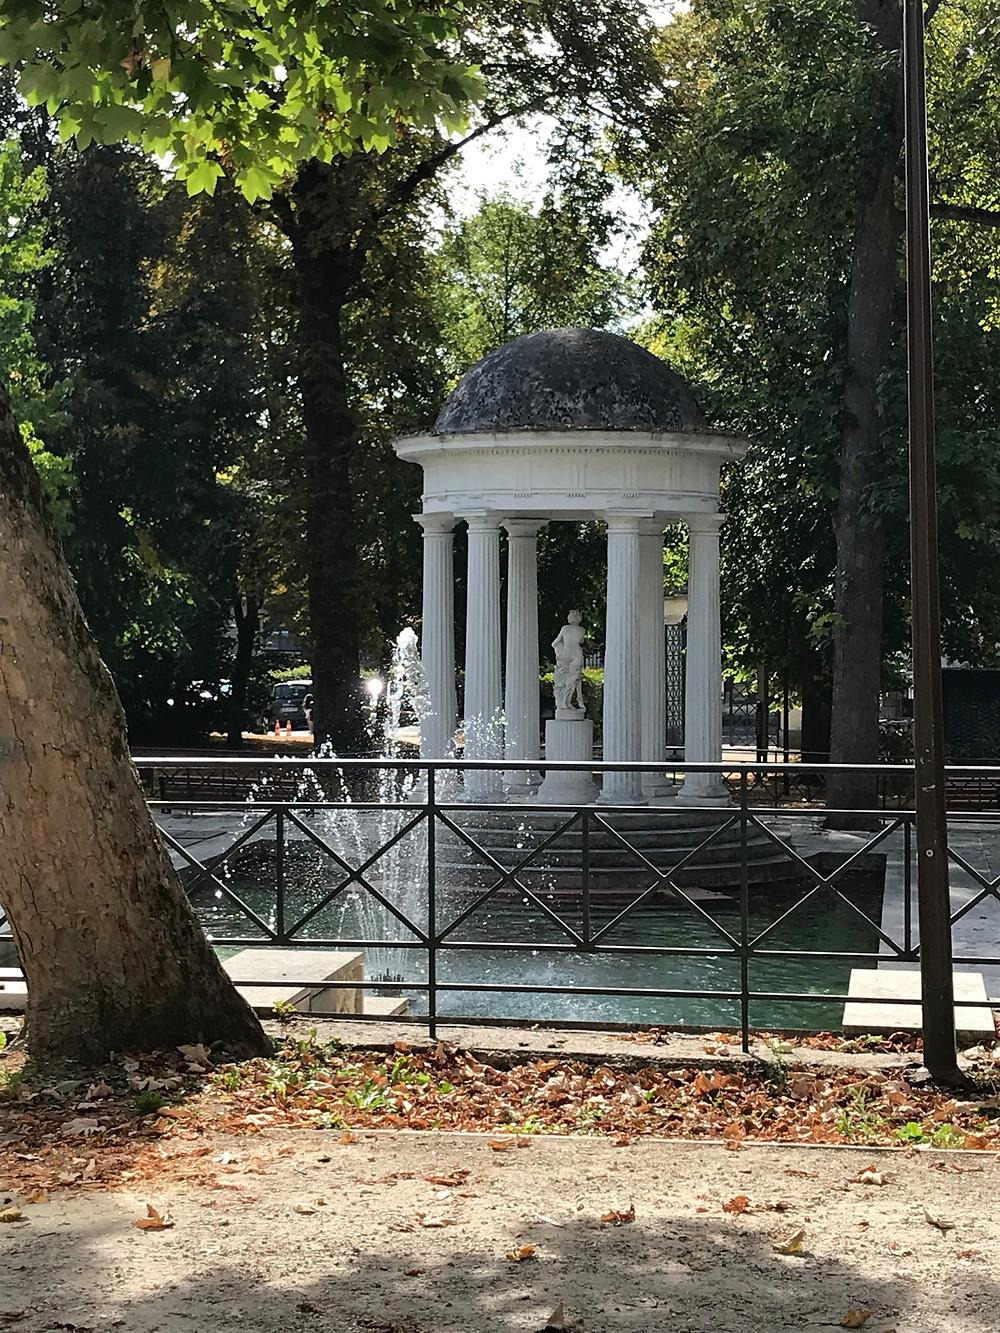 Une magnifique fontaine au milieu du parc de St Cloud